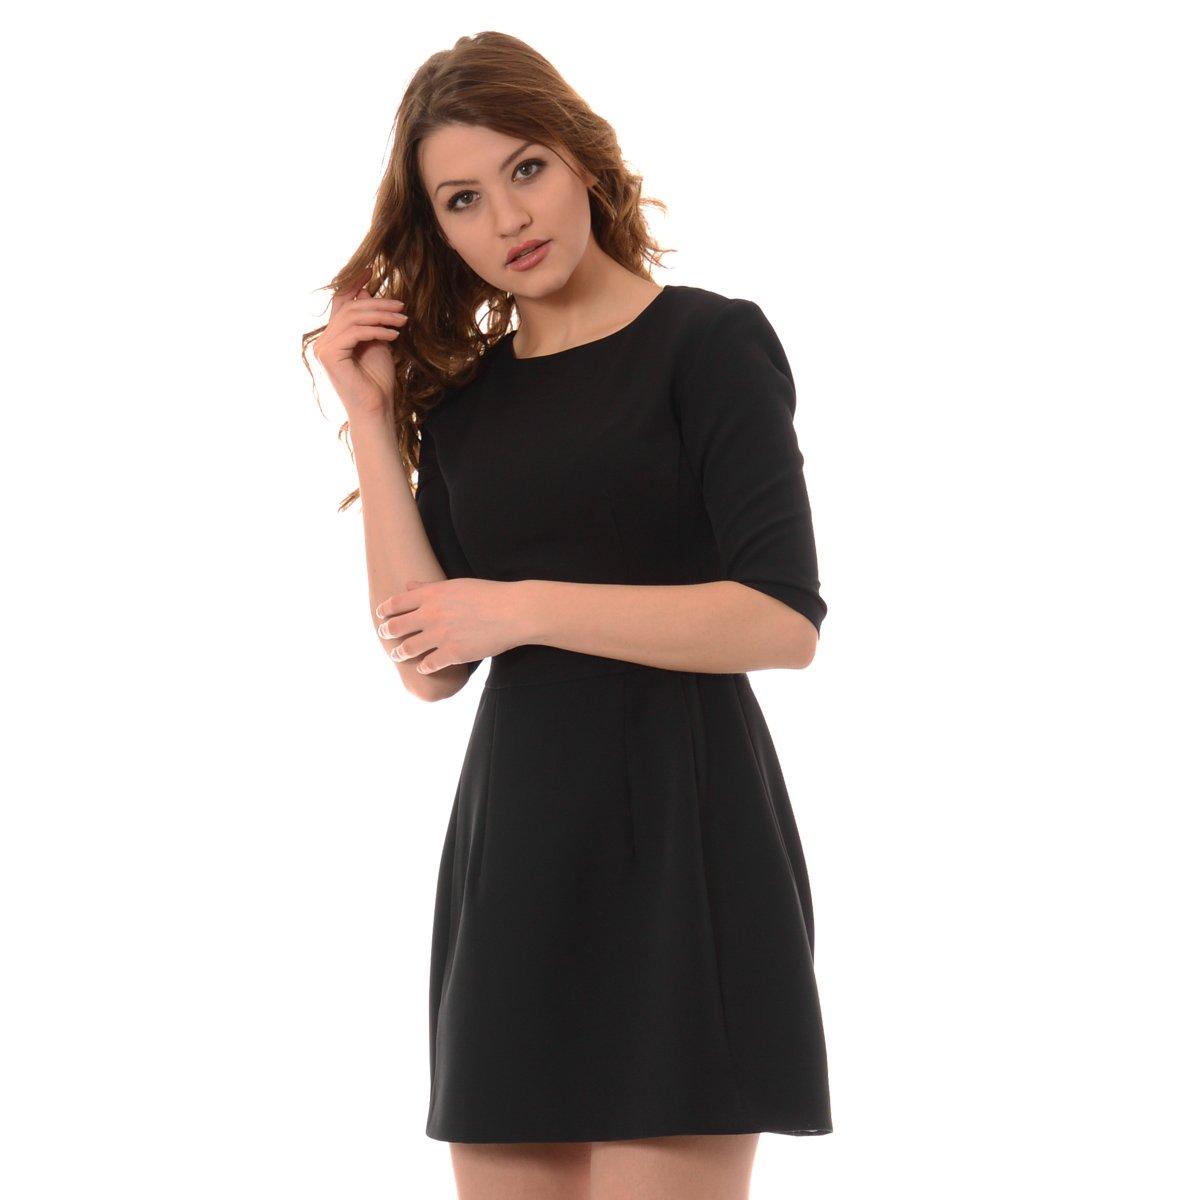 2c720cebb Mała Czarna Rozkloszowana Tonia Sukienka; Mała Czarna Rozkloszowana Tonia  Sukienka ...